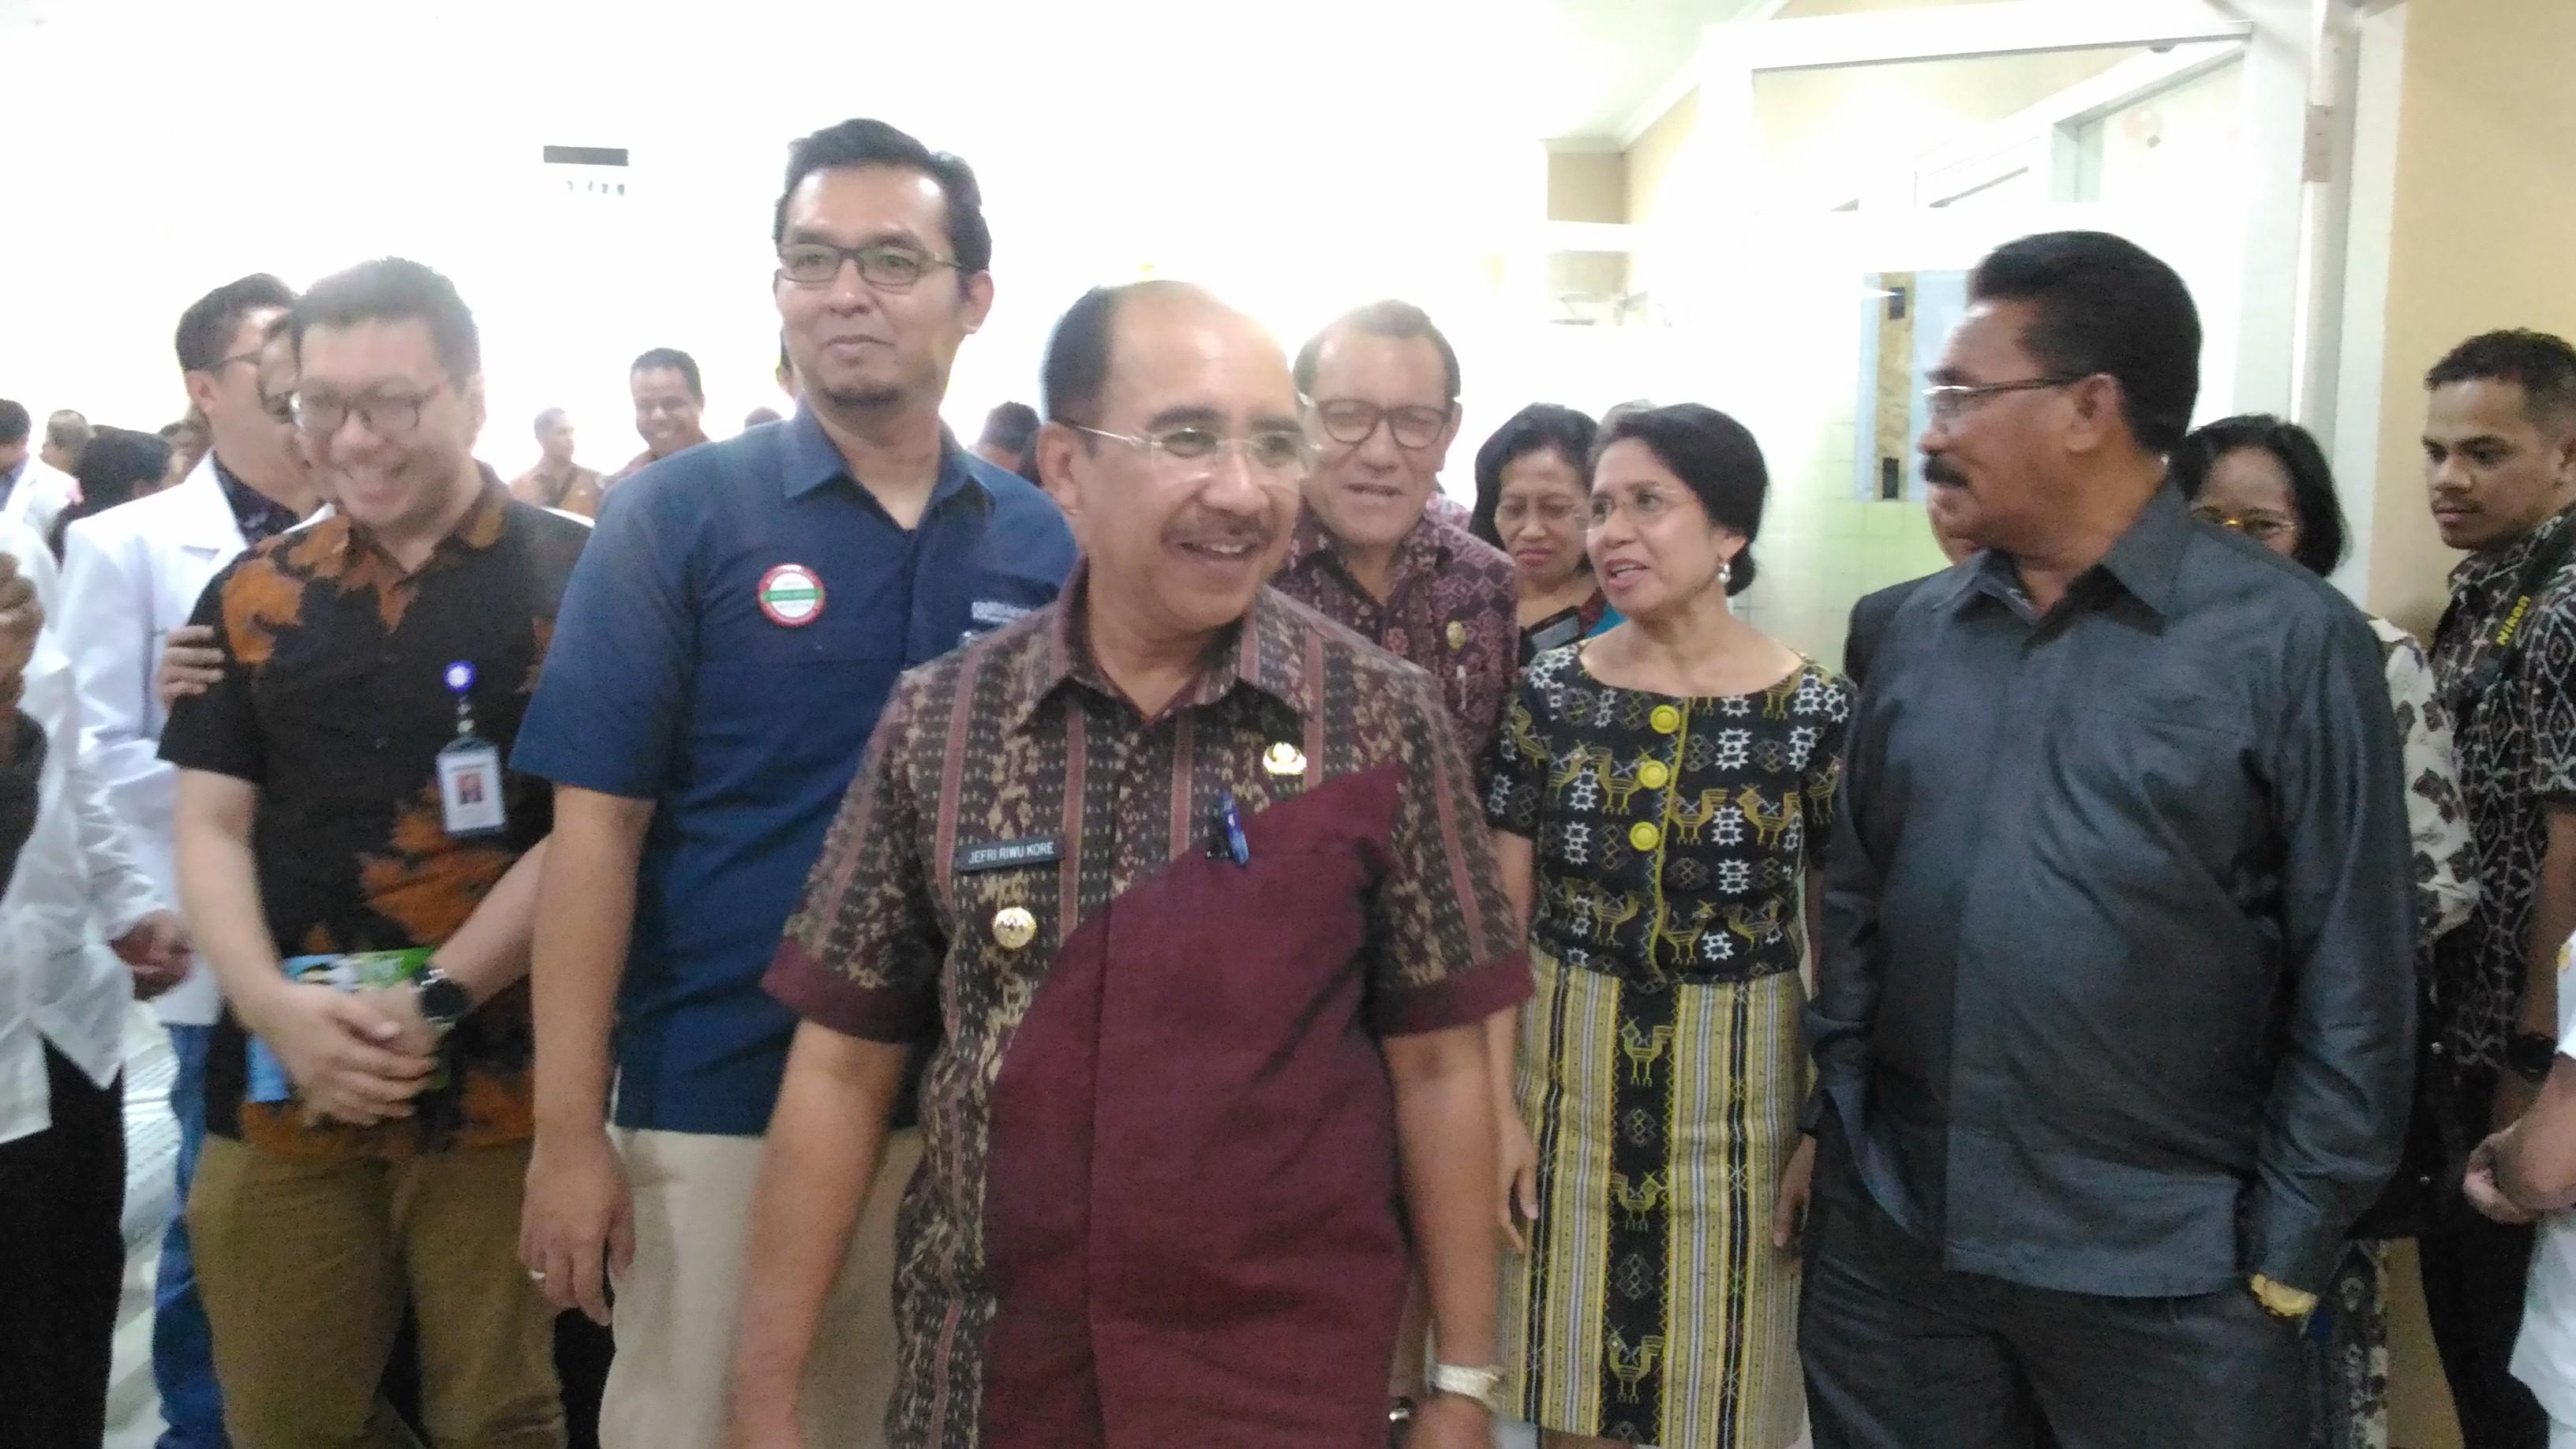 Wali Kota: RSUD S K Lerik harus jadi Kebanggan Masyarakat Kota Kupang